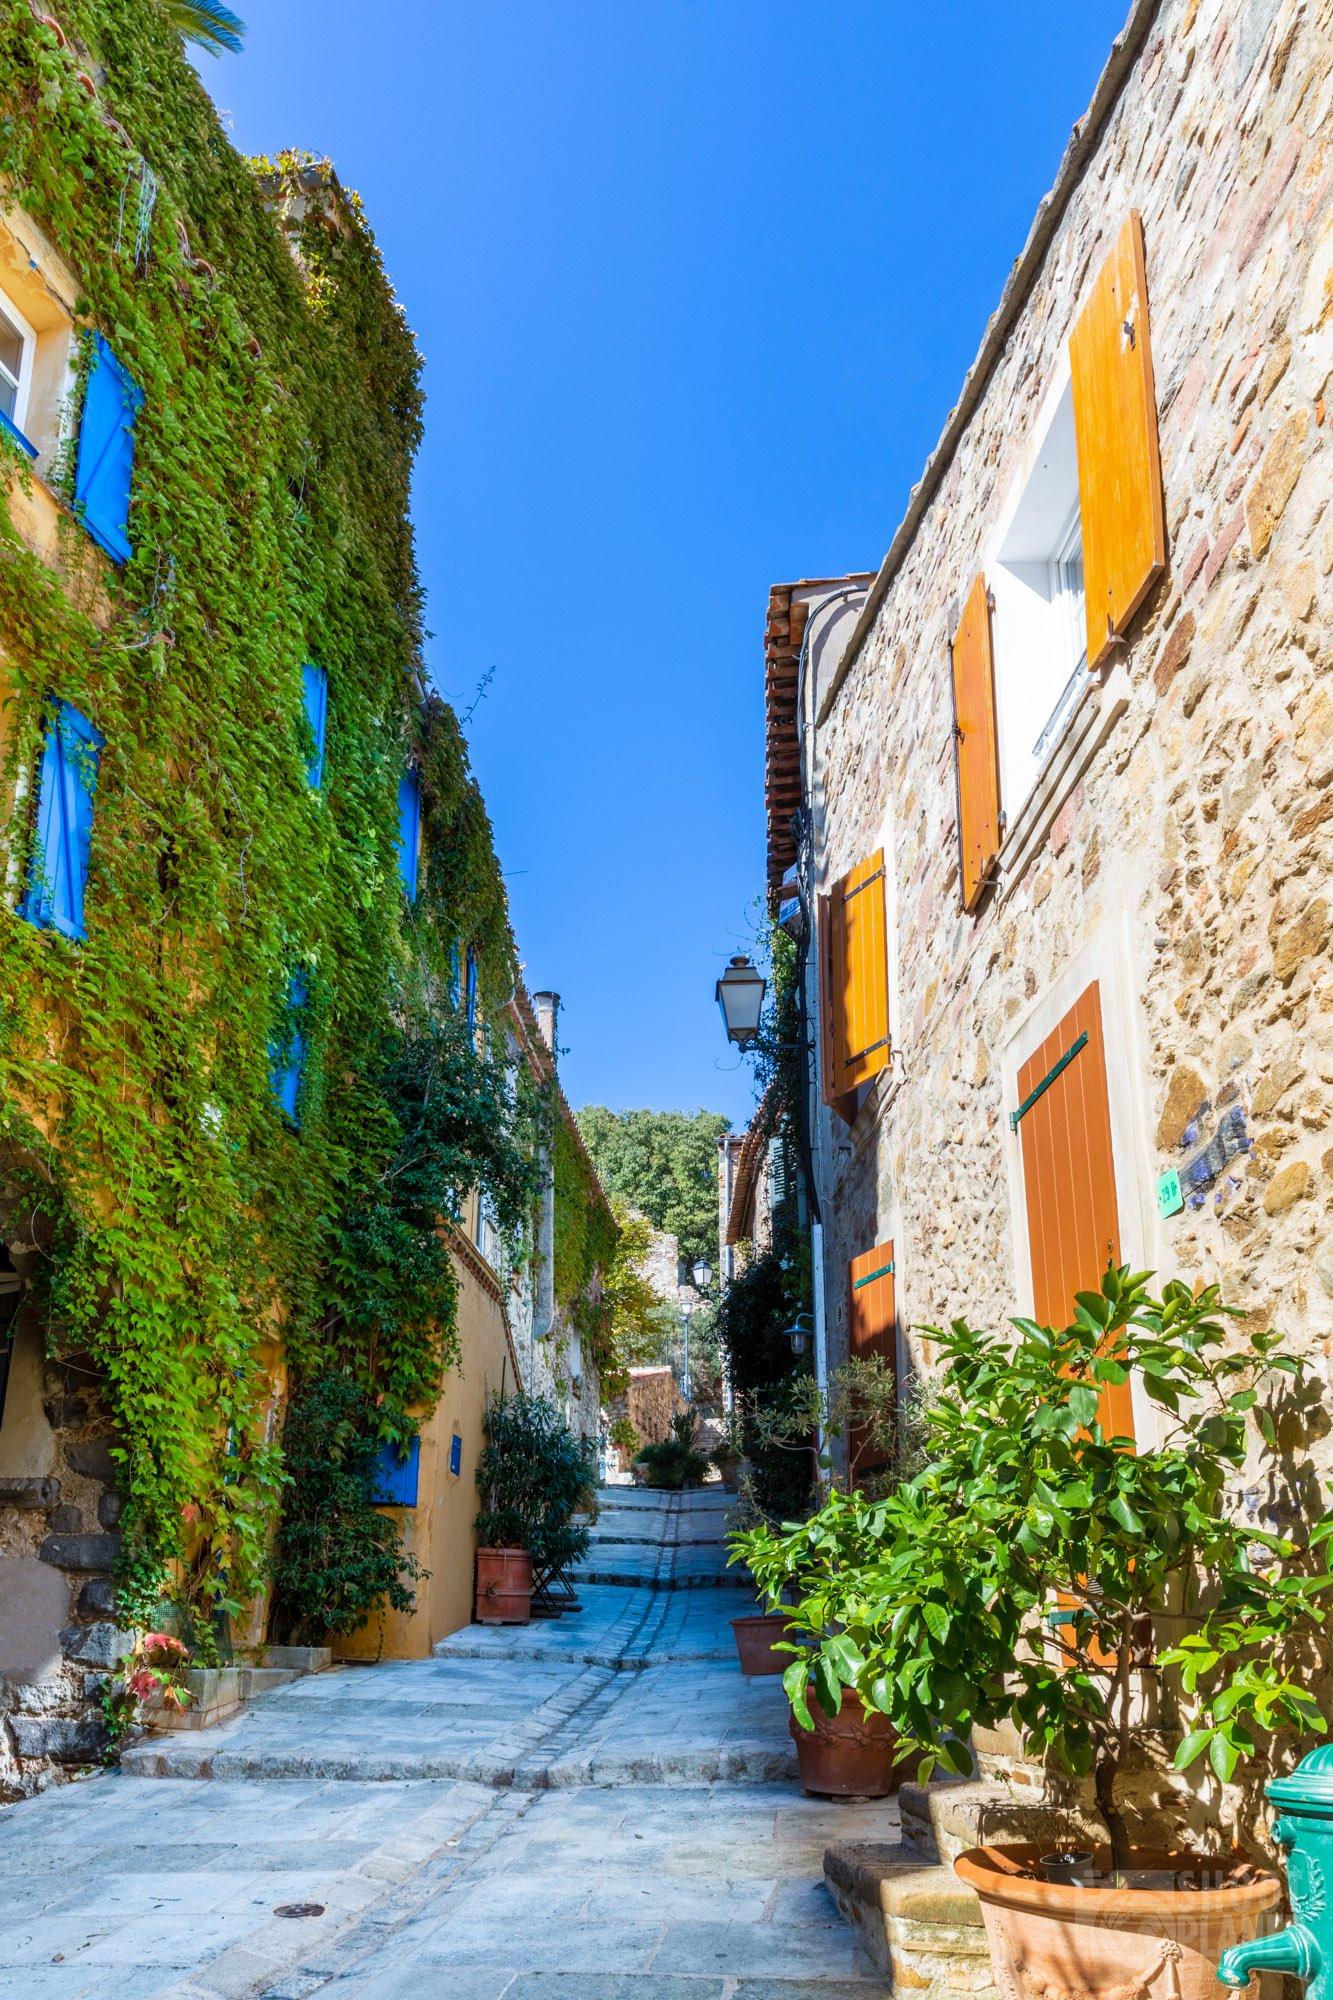 Grimaud village houses, near Saint-Tropez, France